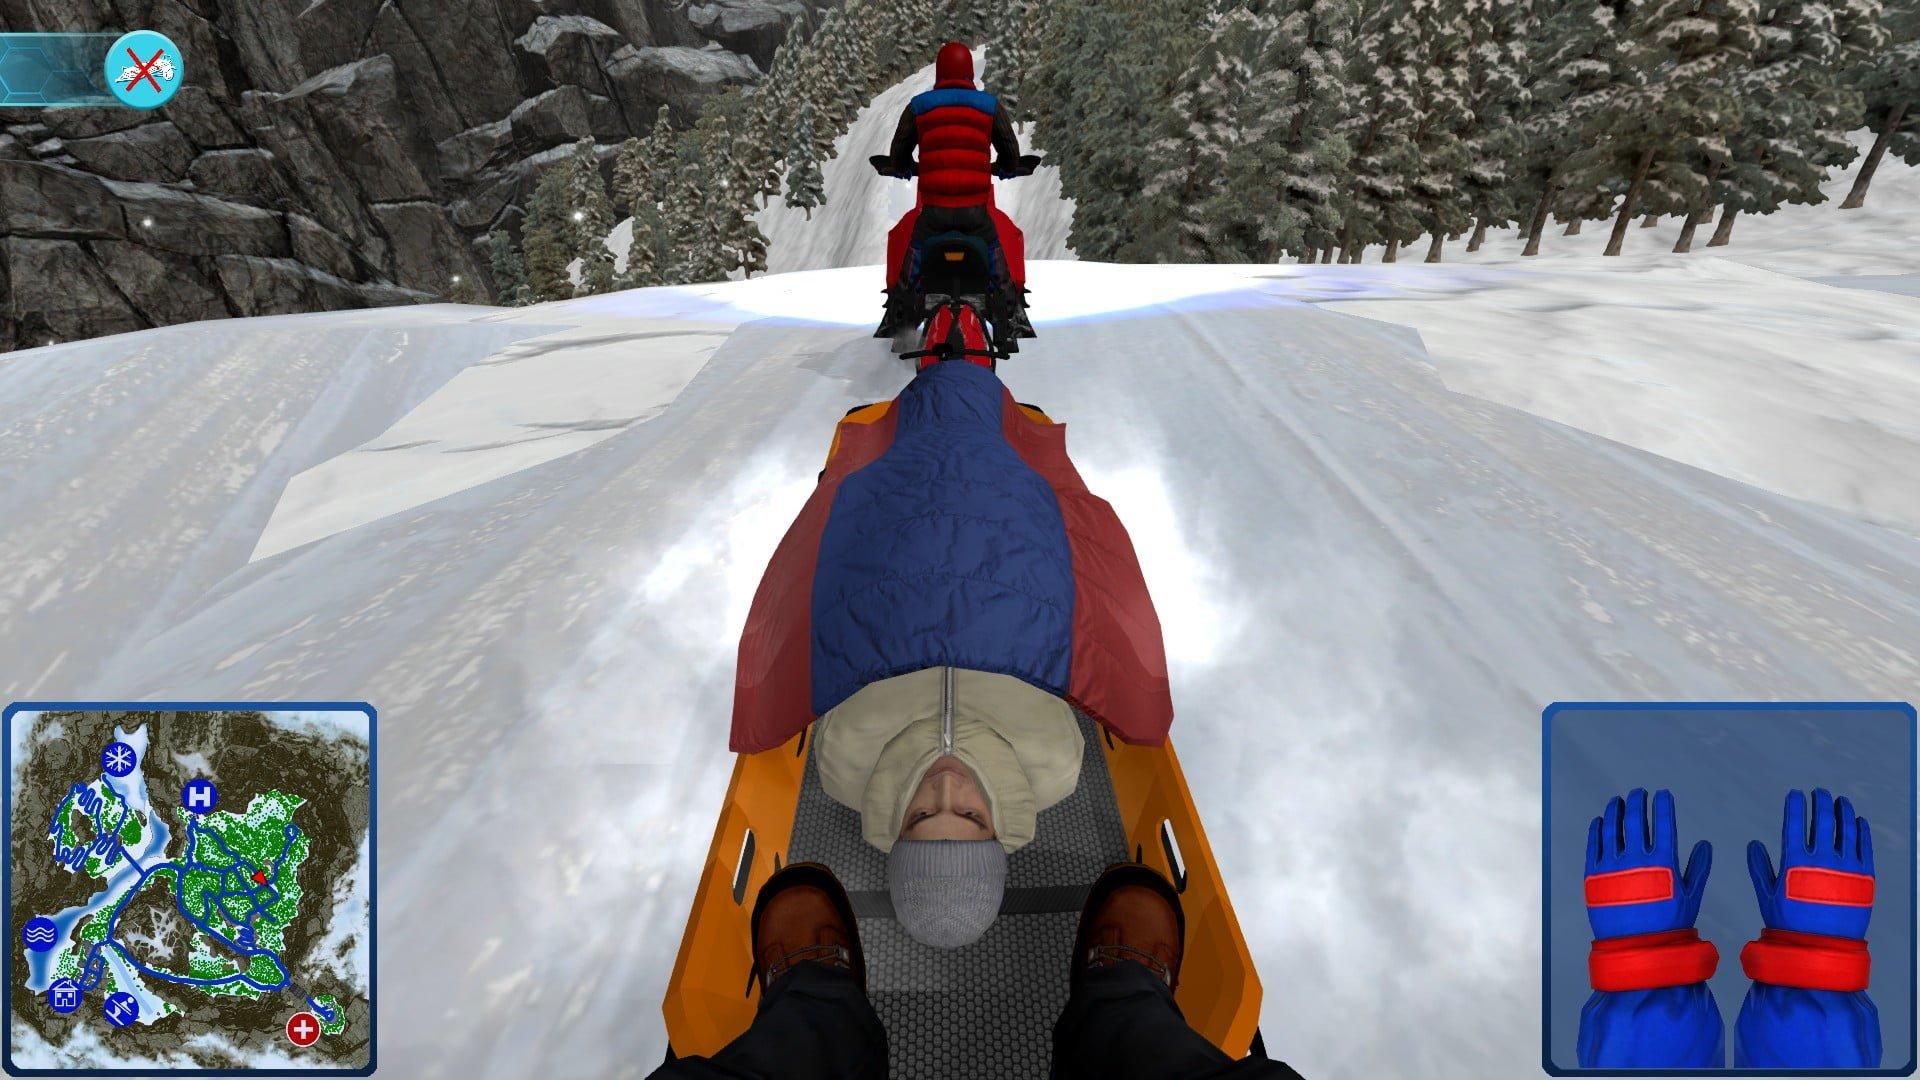 Mountain Rescue Simulator 4